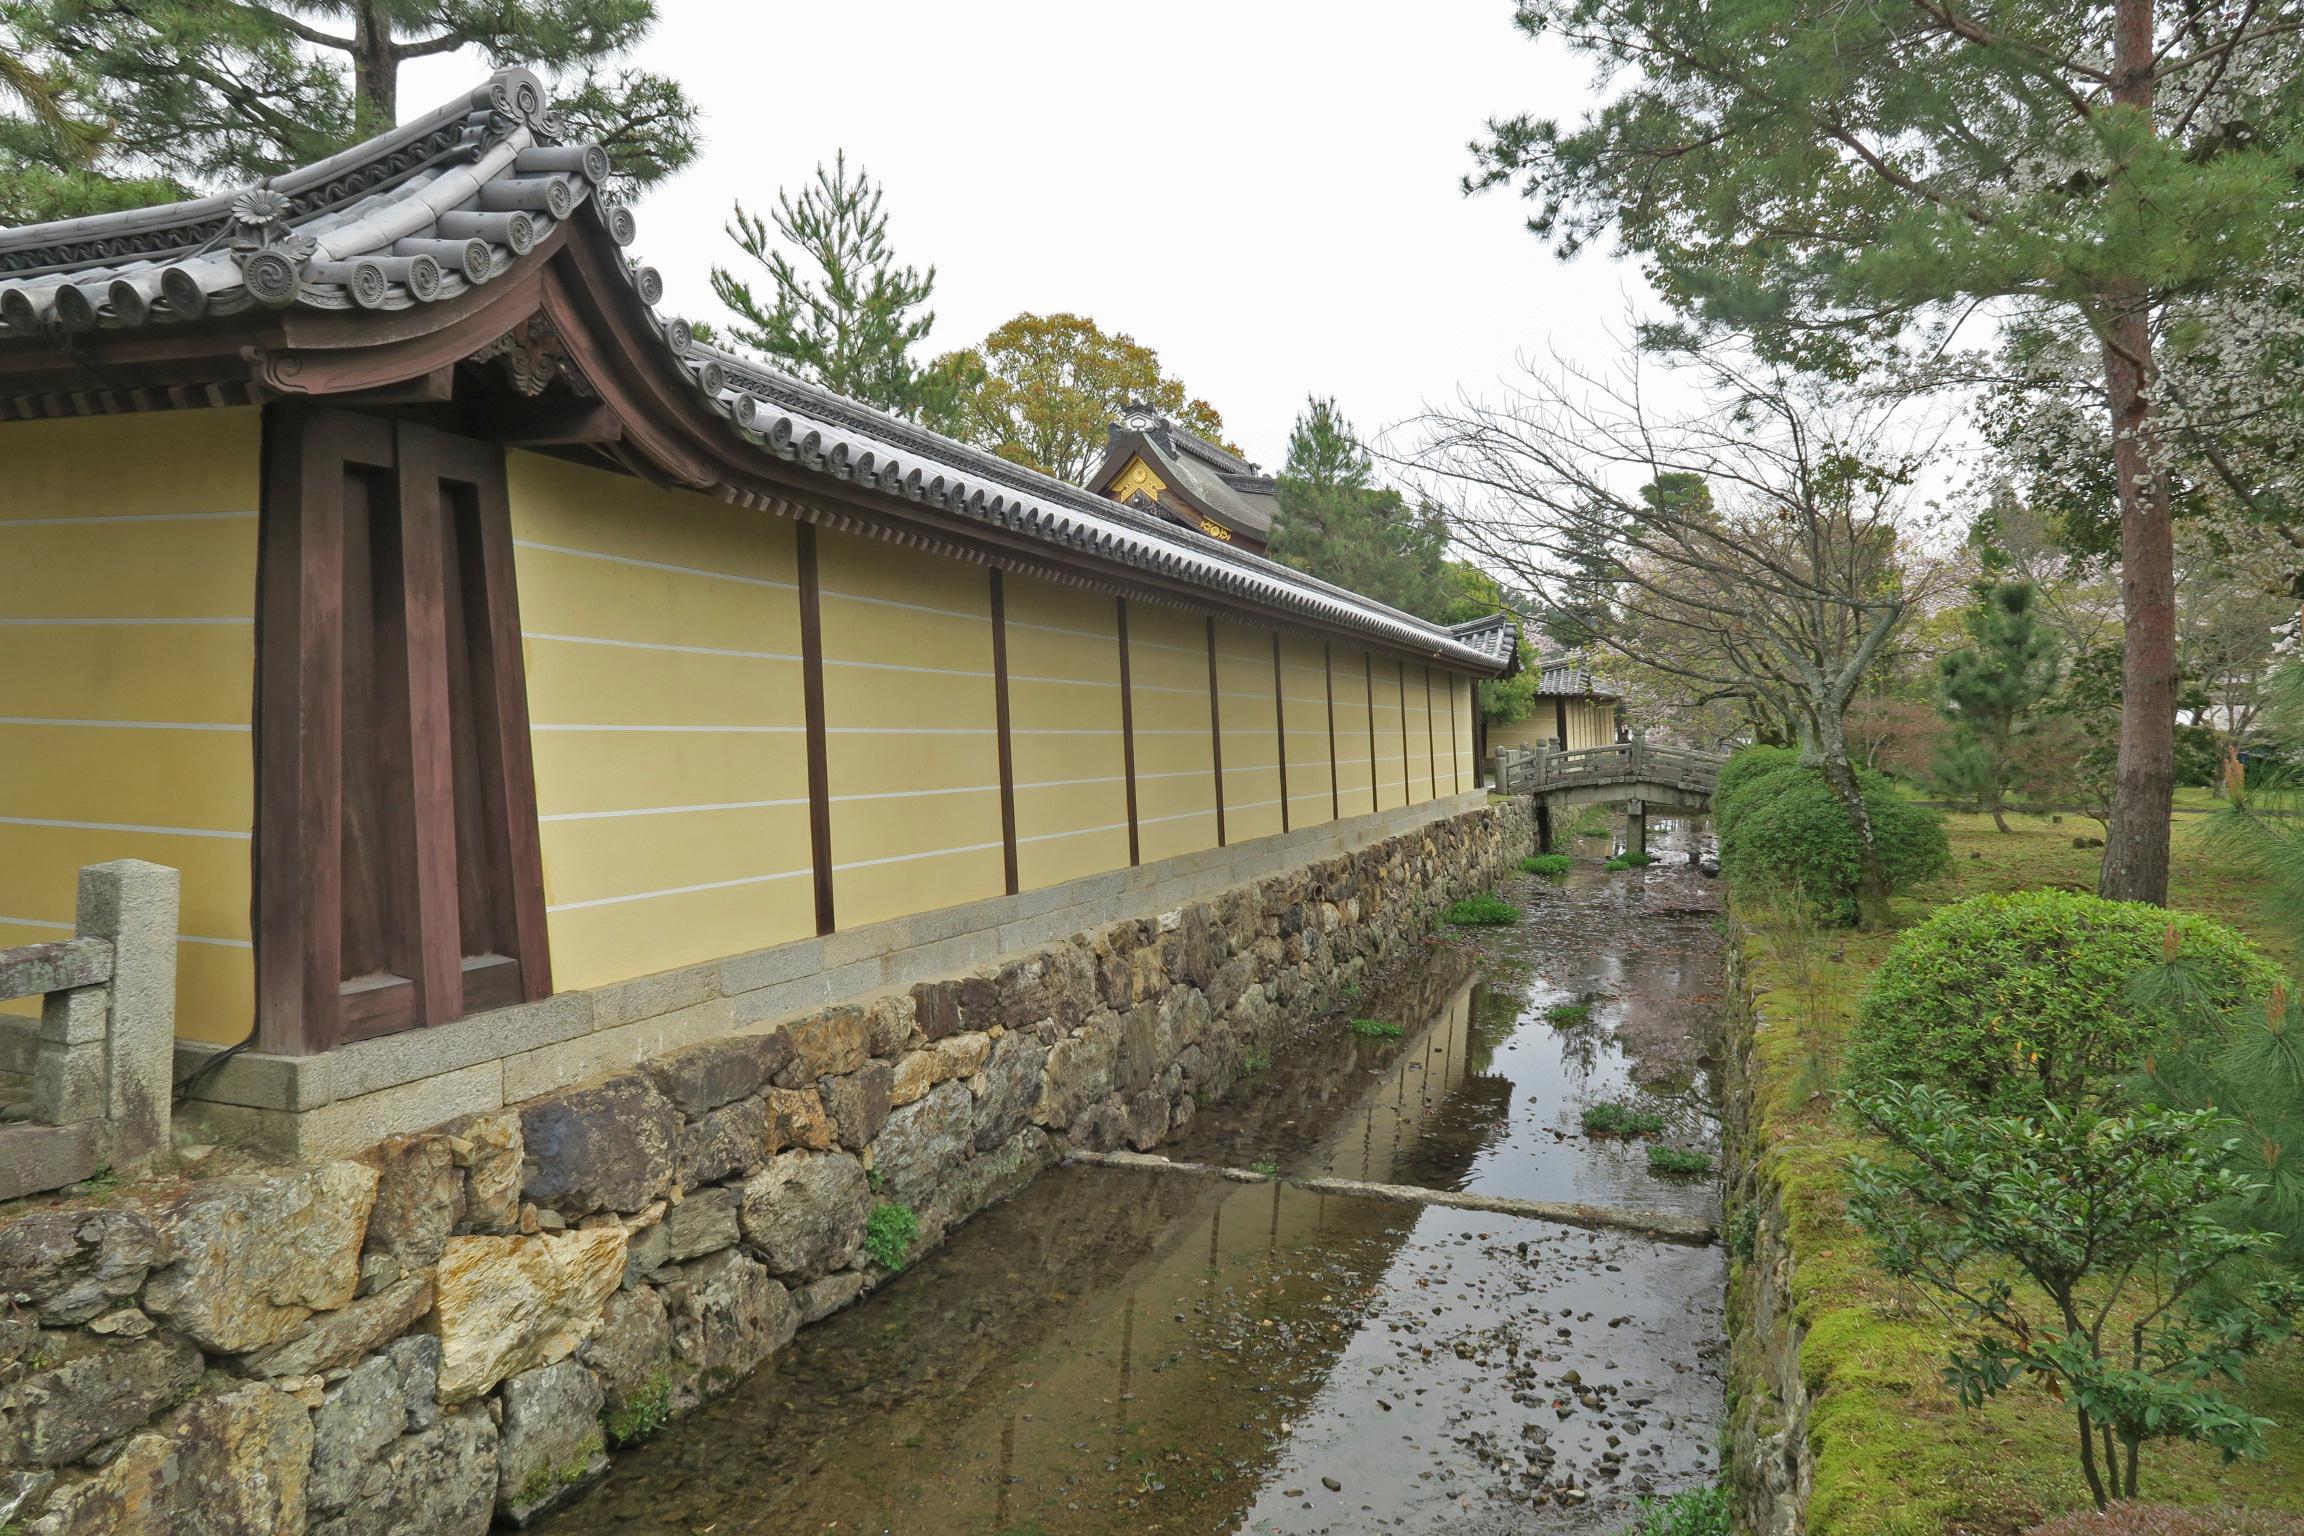 大覚寺は門跡寺院なので、塀には五本の線が入っています。これは一番高い格式を示すものです。